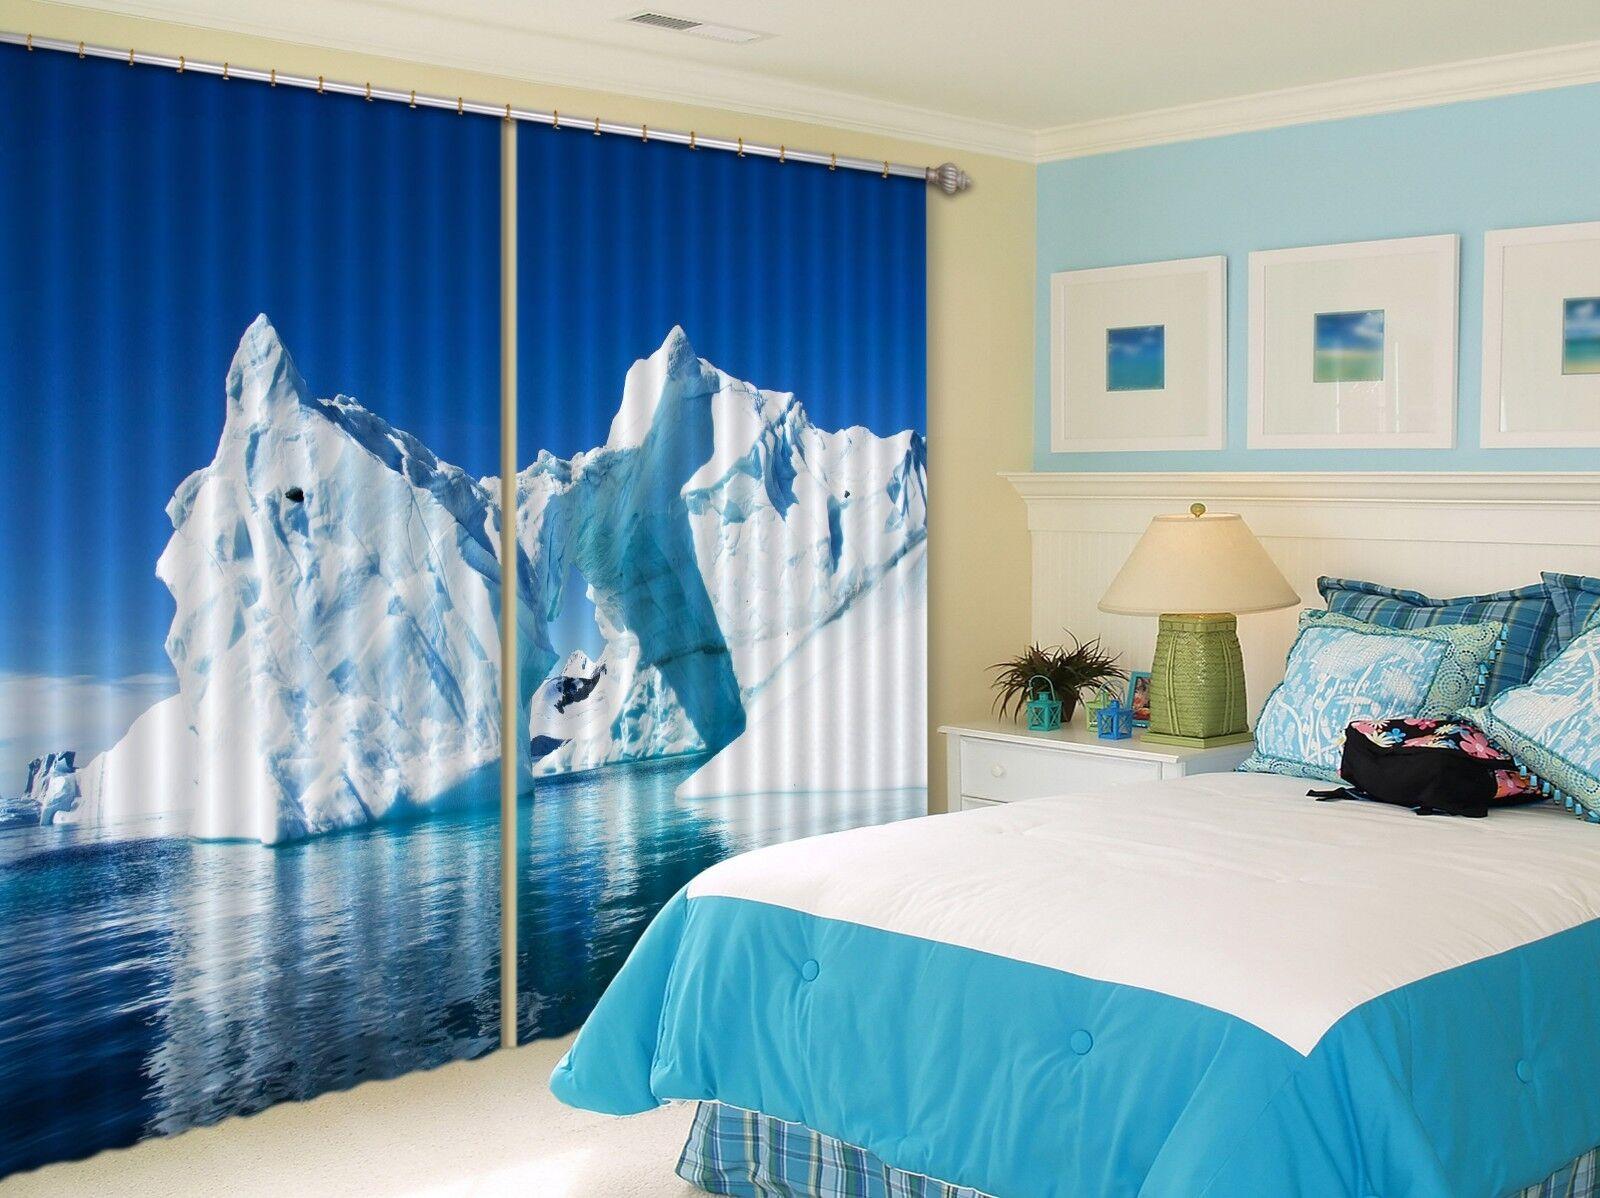 3d ghiacciai mare 67 blocco foto sipario pressione sipario tende tessuto finestra de